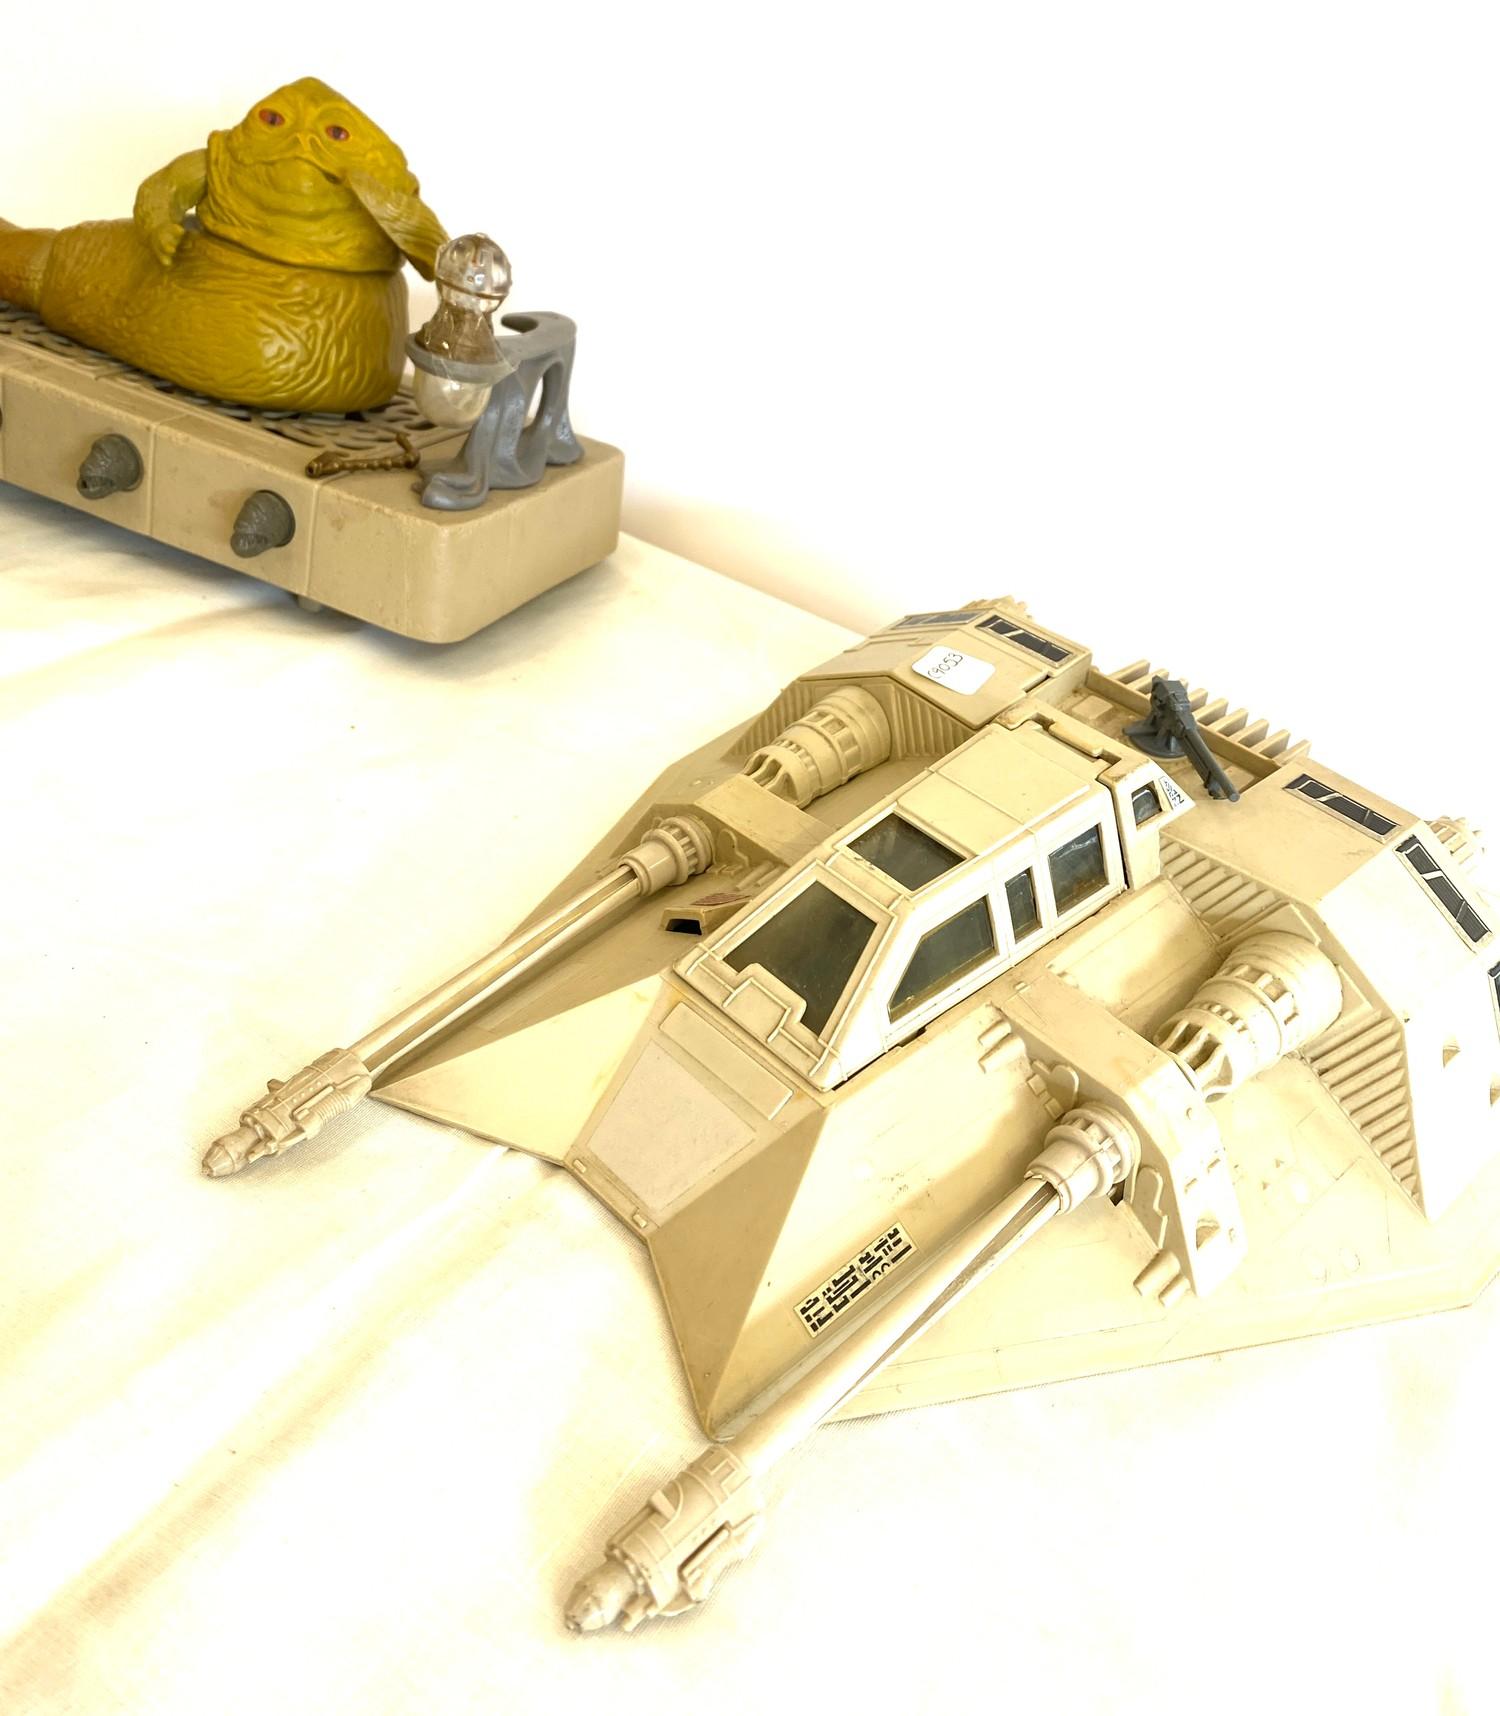 Starwars / Star wars Kenner 39610 Star Wars The Empire Strikes Back Rebel armored Snowspeeder, - Image 4 of 5